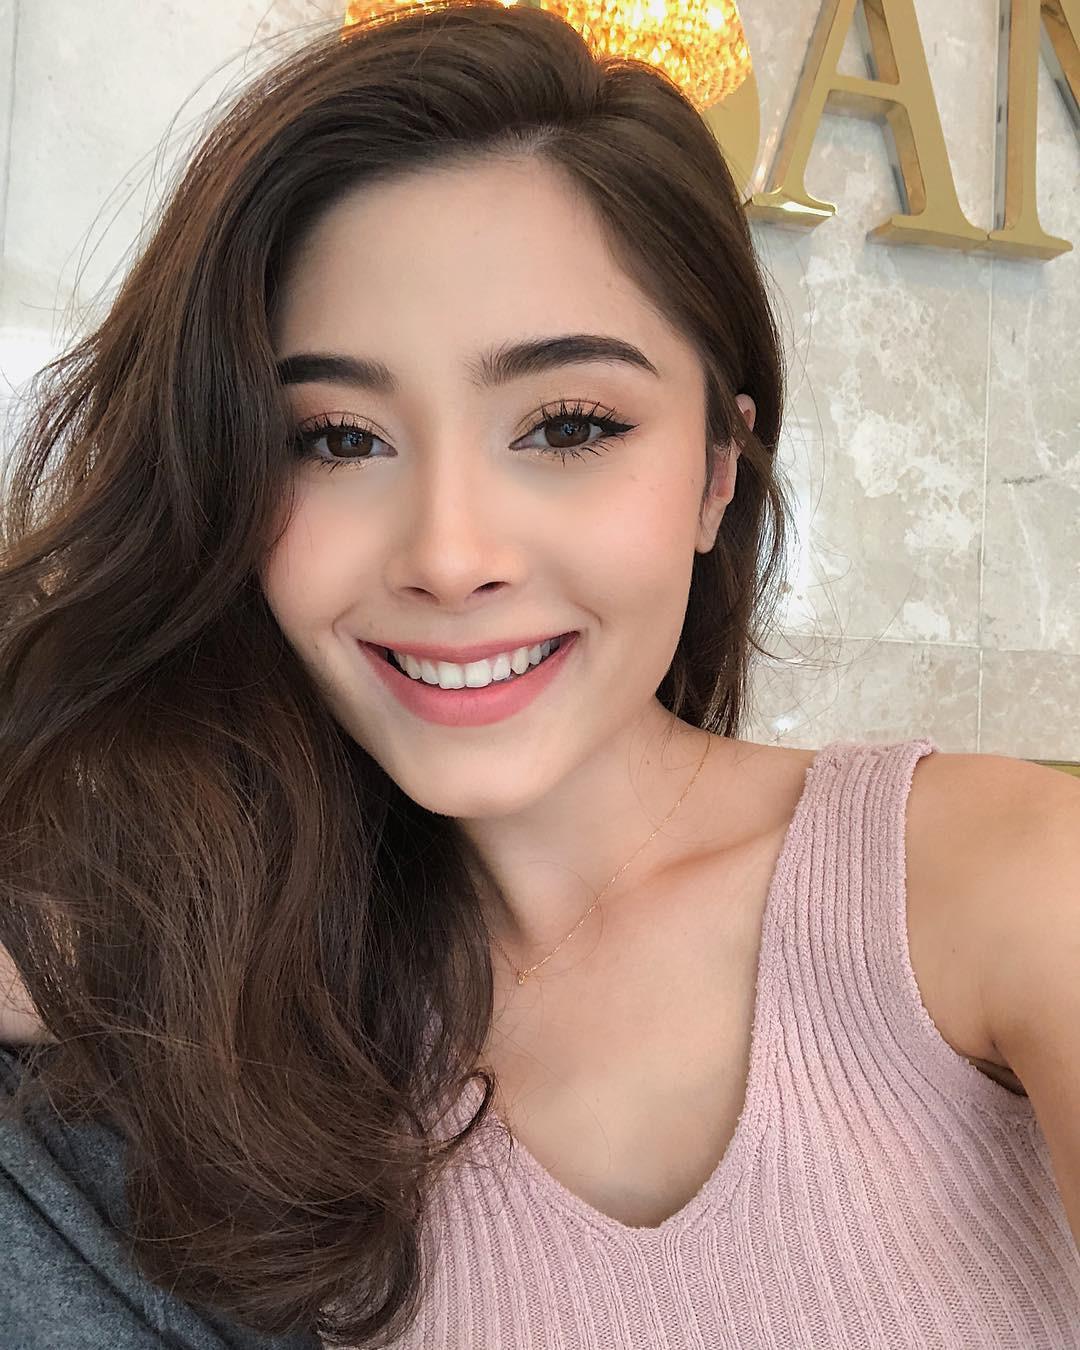 Hot girl châu Á đổi tóc dịp năm mới: người cắt mái xinh ngất, người xén cả chục centimet tóc, người giữ khư khư tóc dài - Ảnh 10.